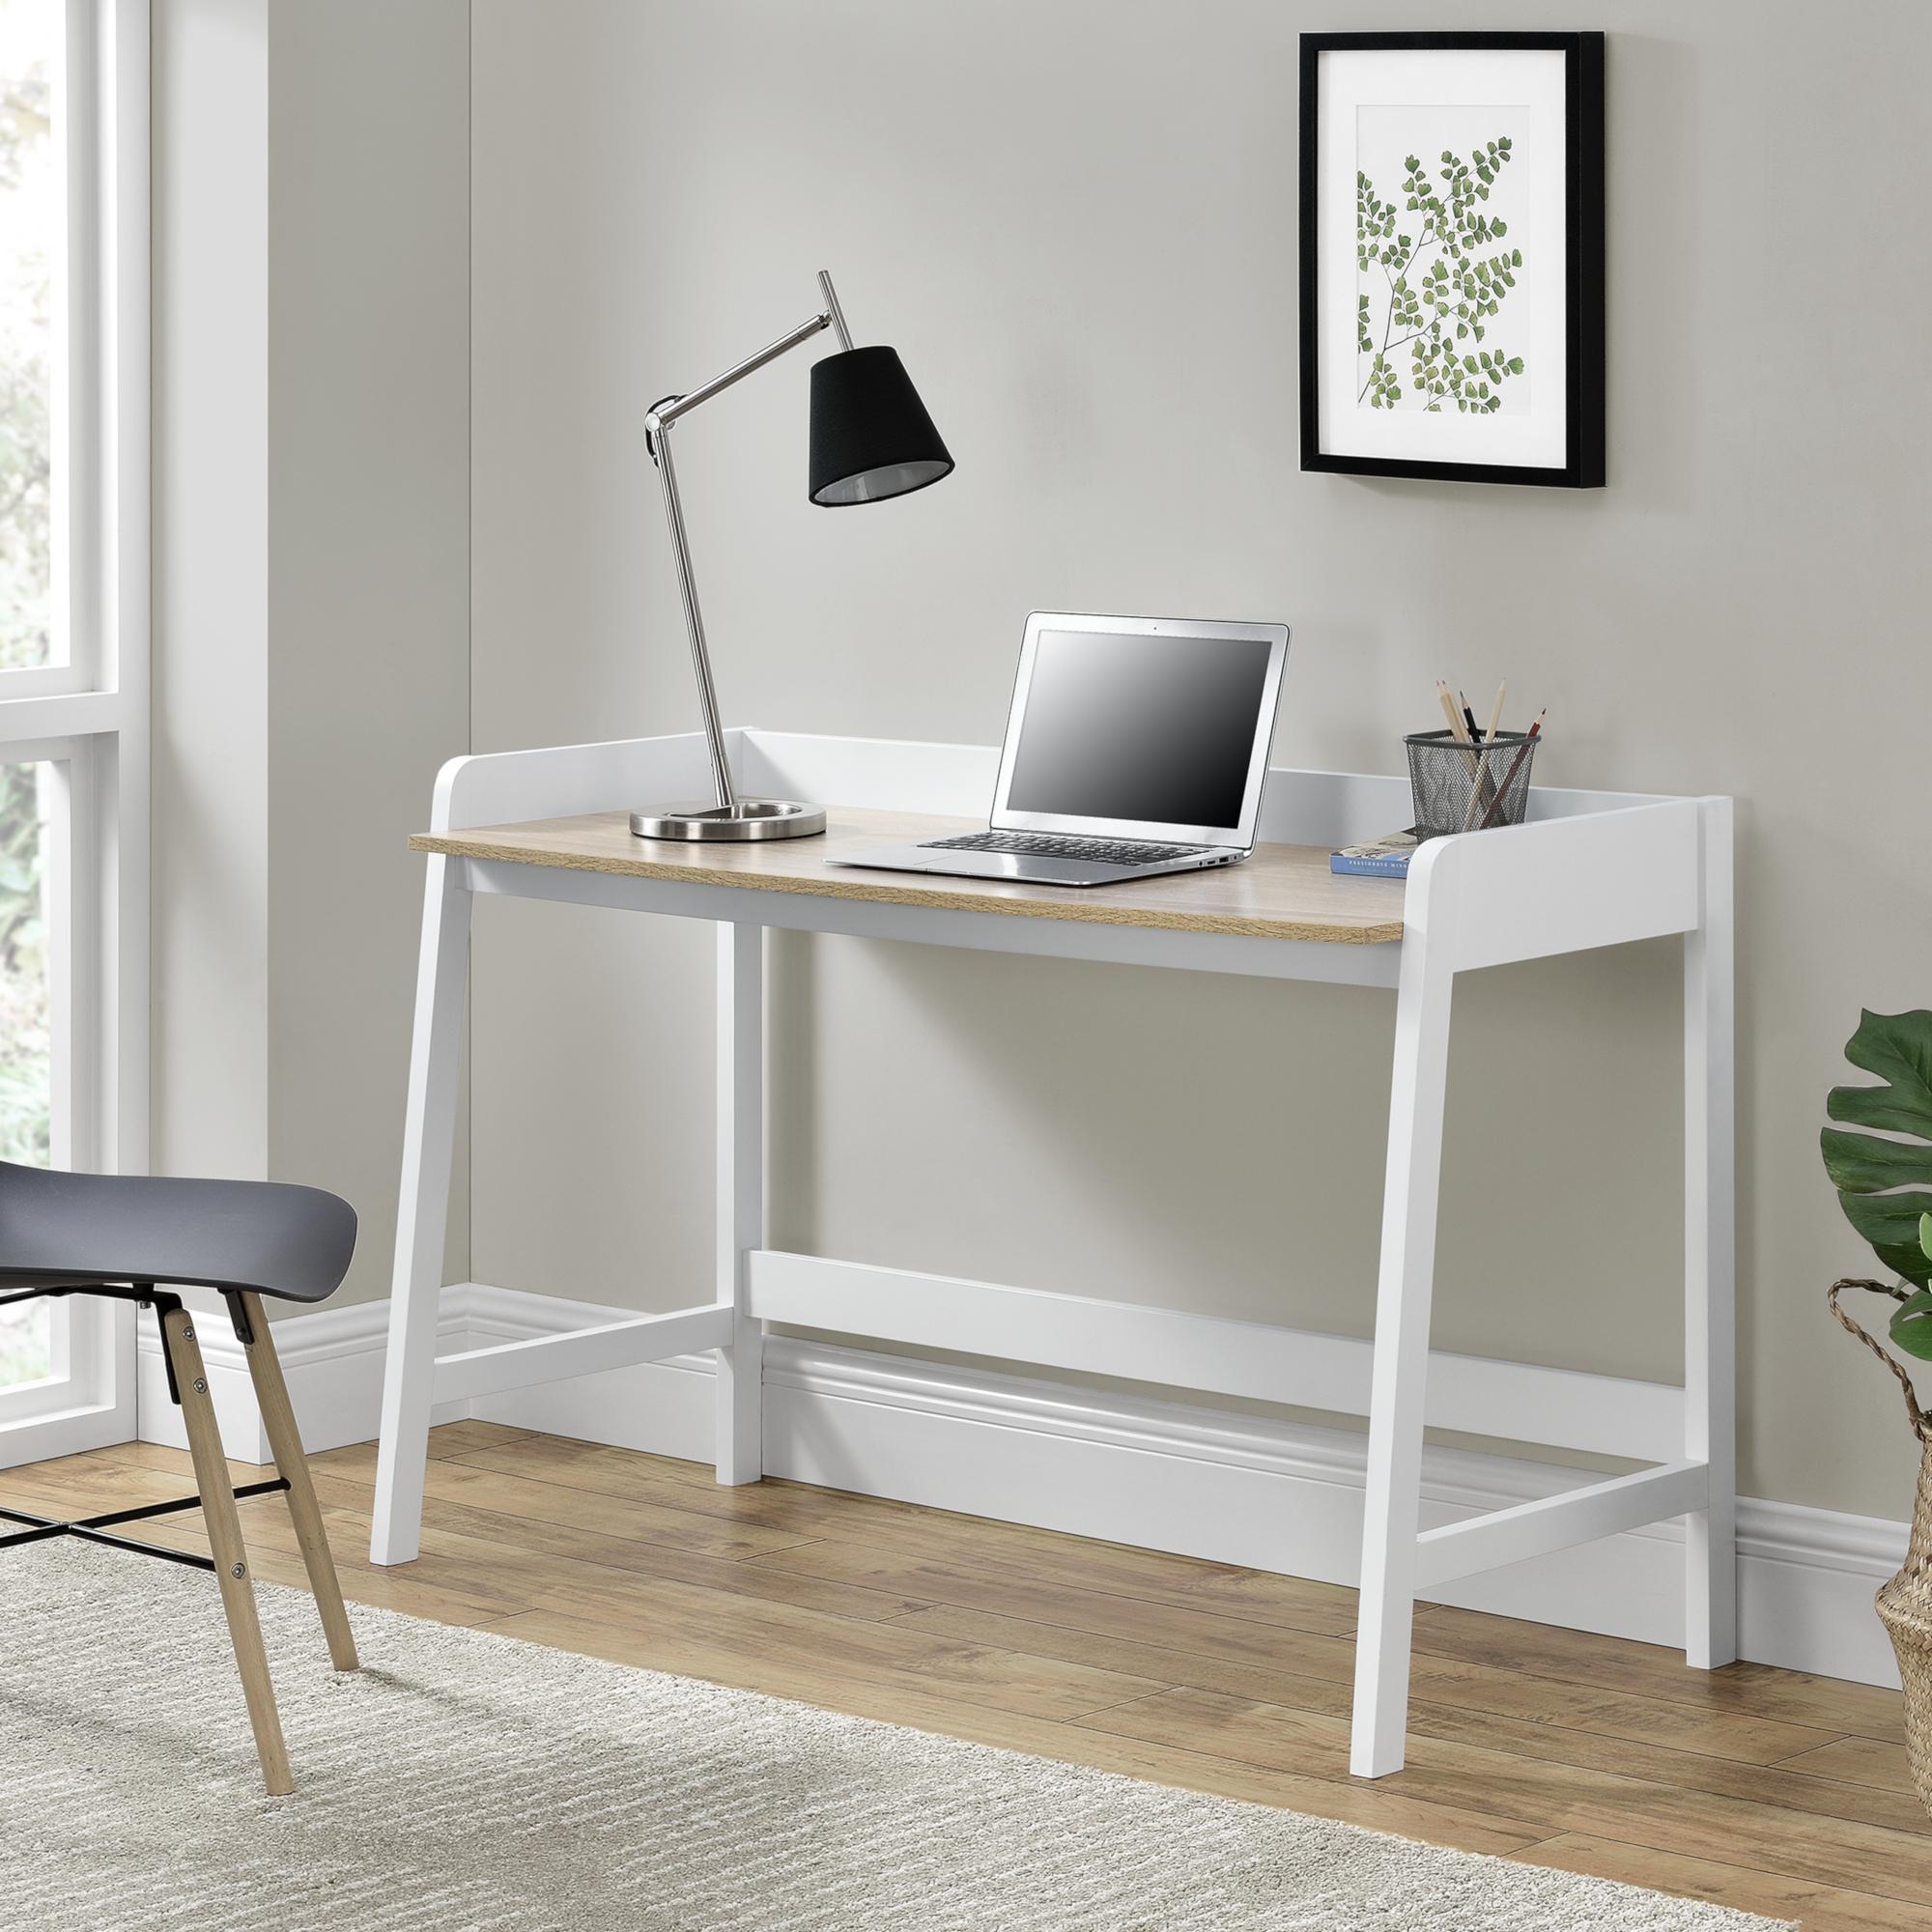 Details Sur En Casa Bureau Table De Bureau Et Mdf Laque Blanc Et Bois 125 X 51 X 80 Cm